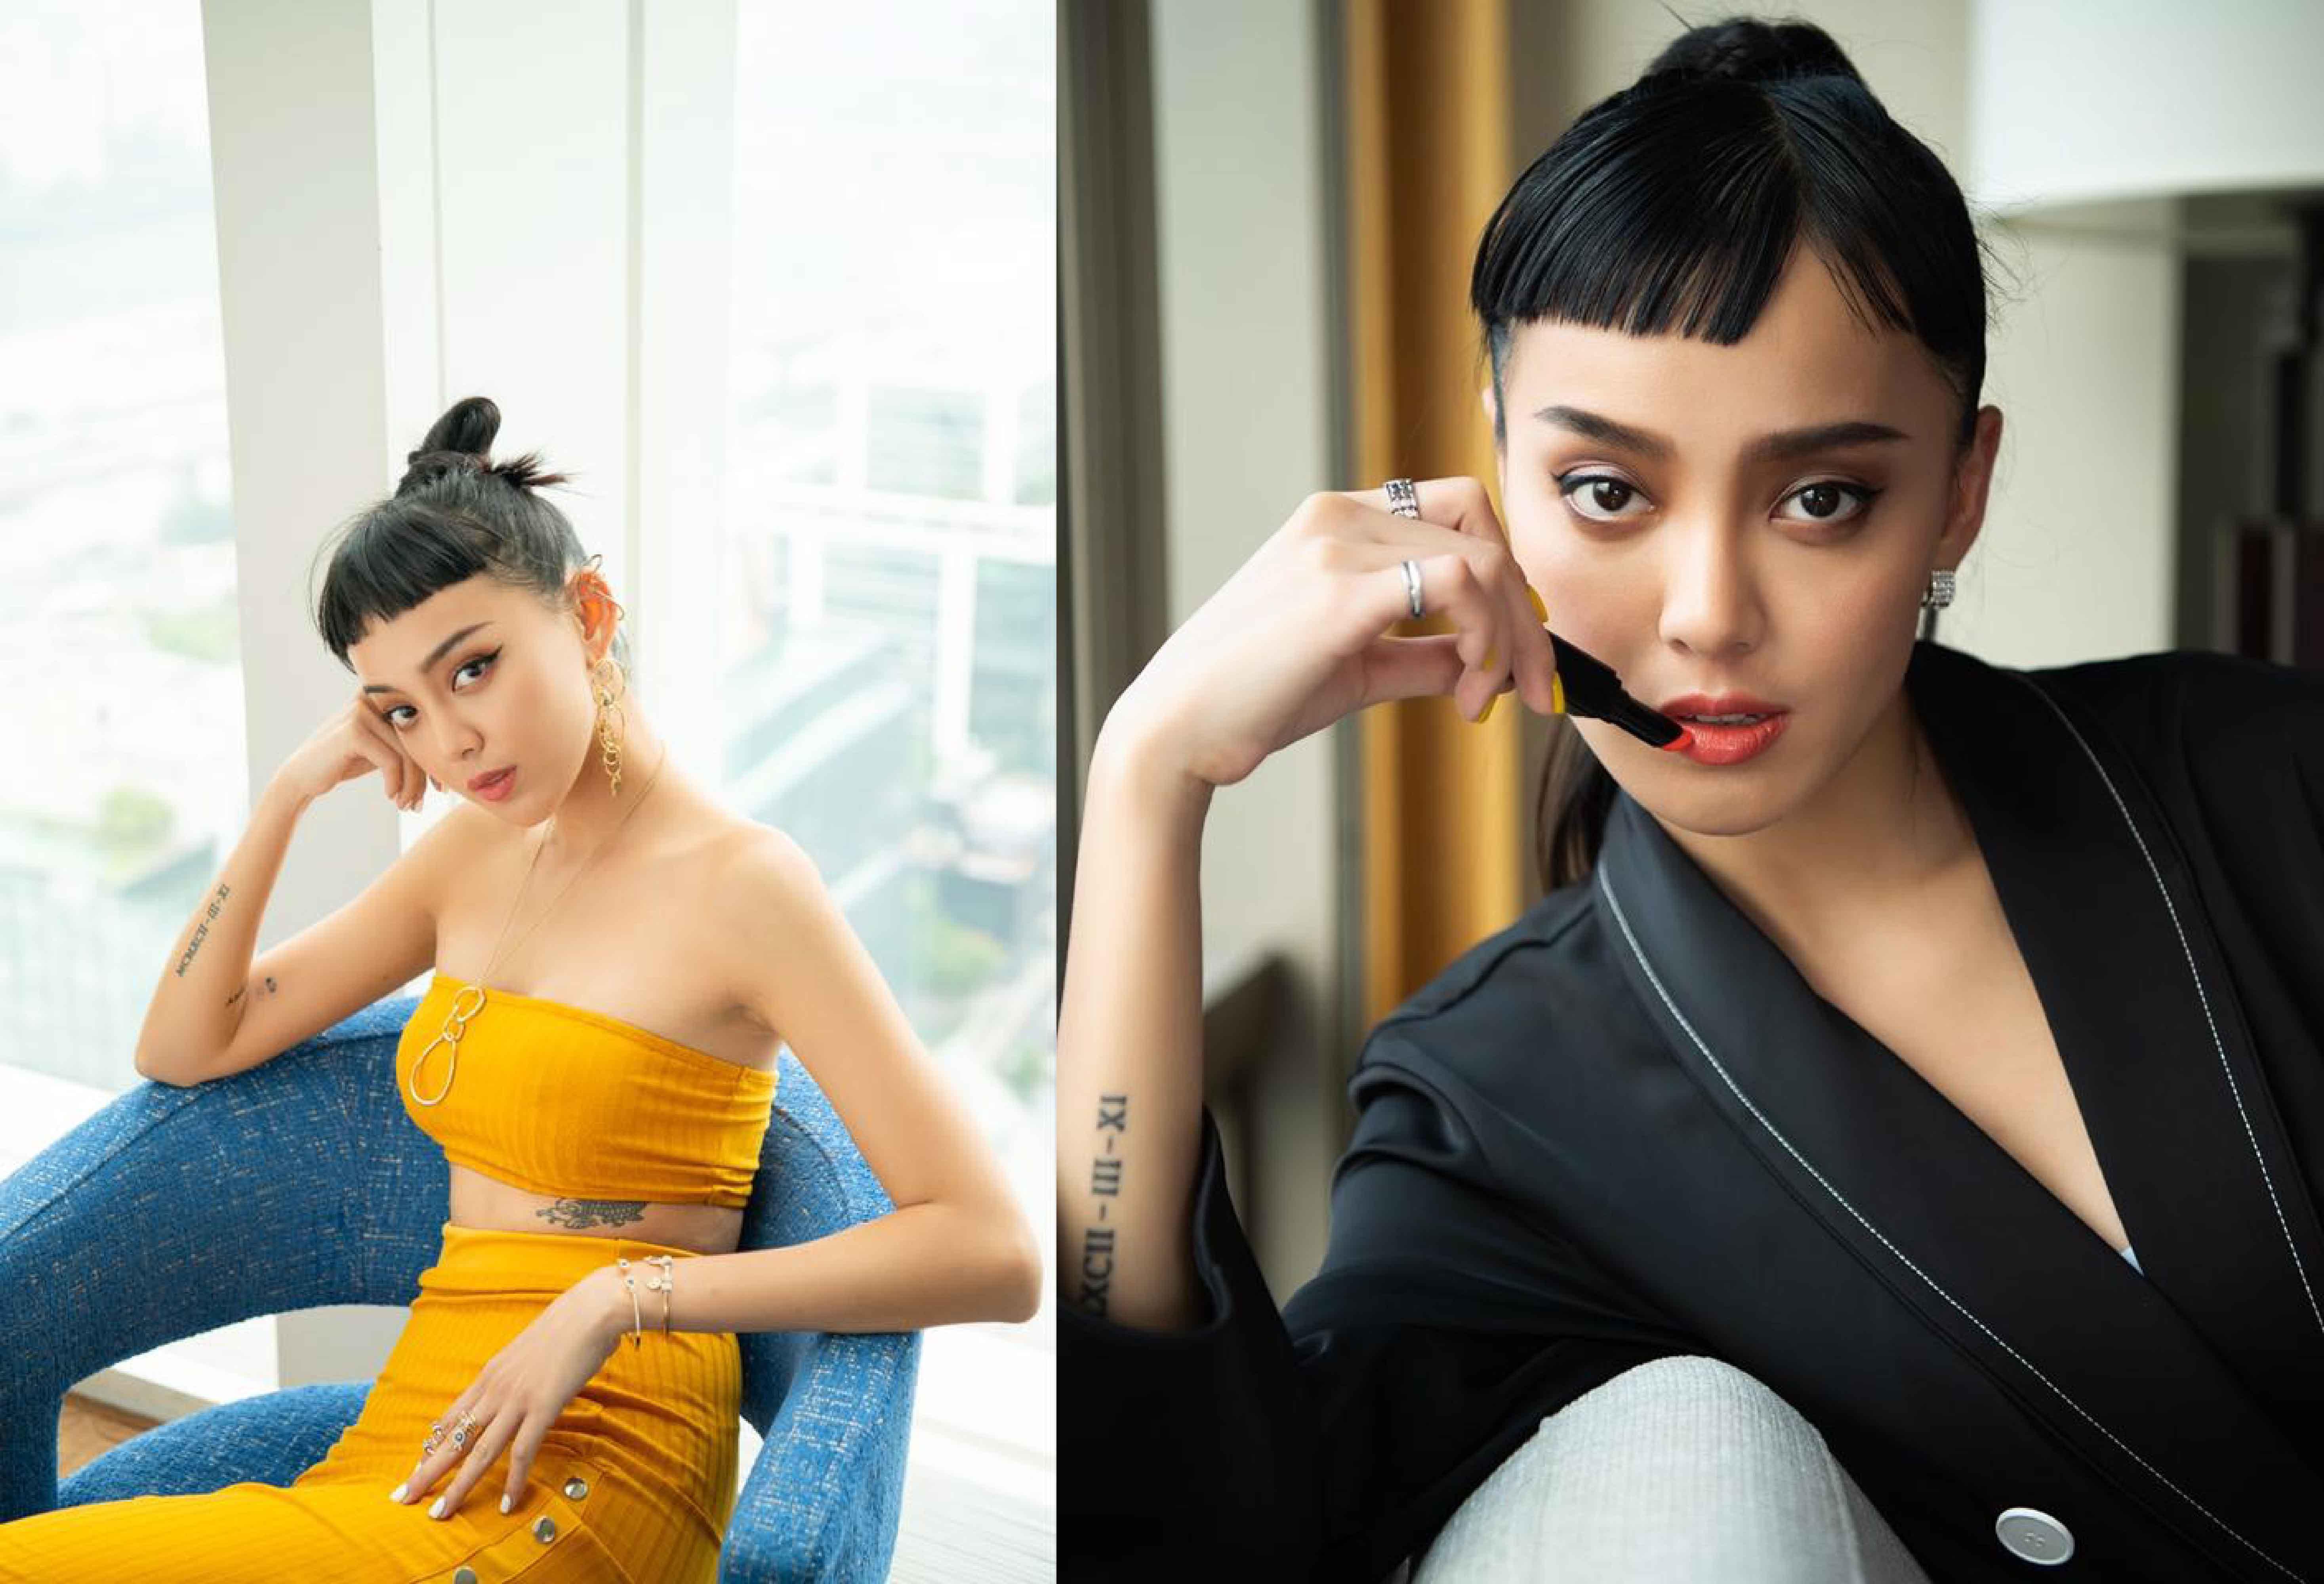 台韓混血兒李函(Kiwi),15歲就踏進模特兒行業,出道12個年頭